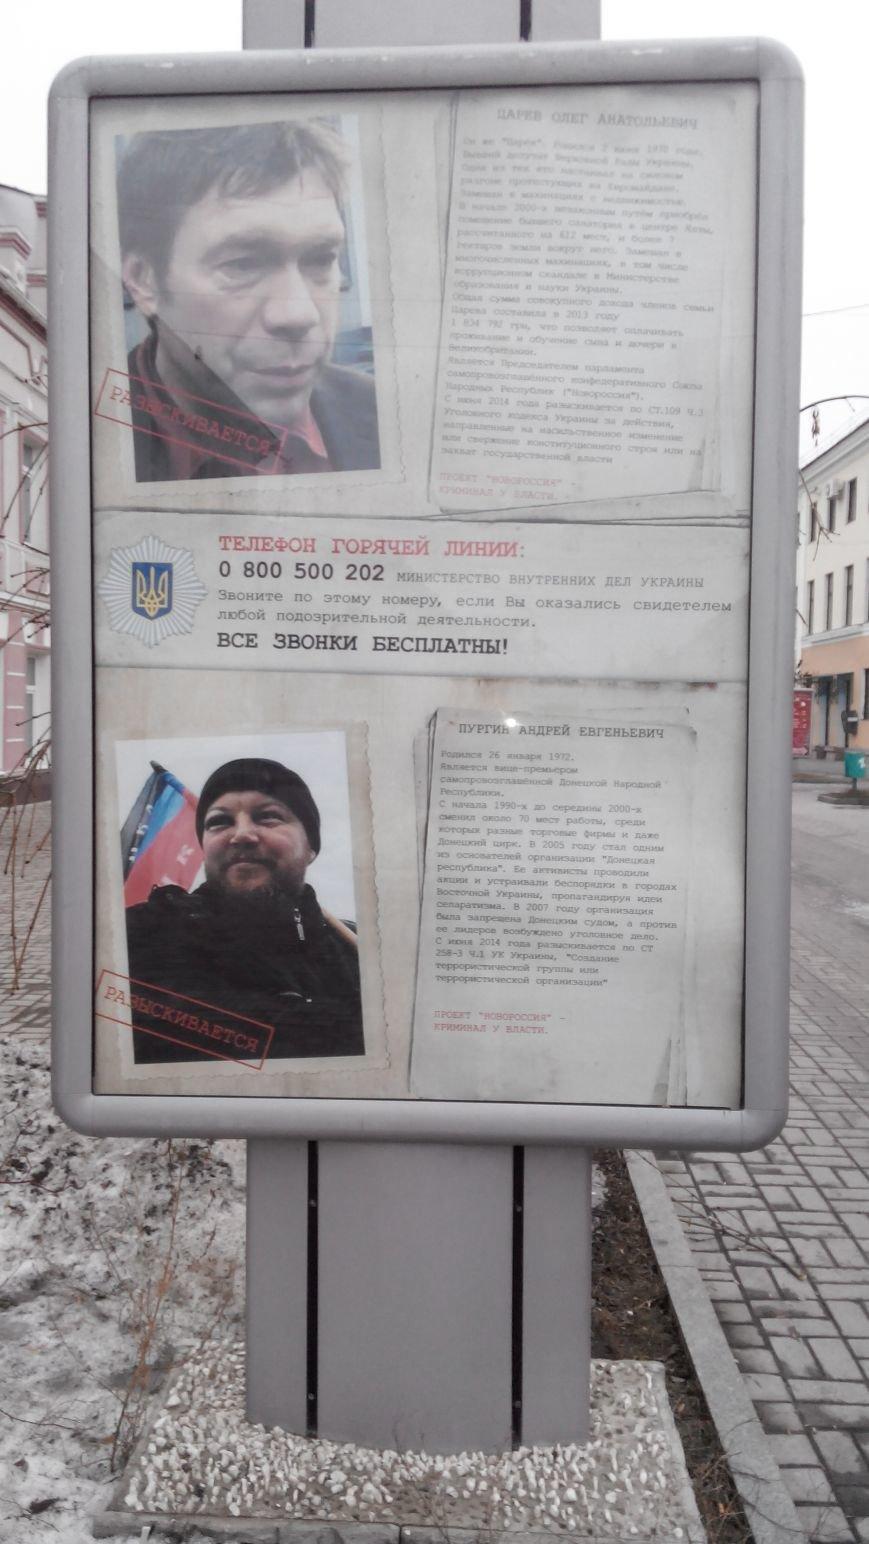 В Сумах появились сити-лайты с Царевым и «ДНР-овцем» (ФОТО) (фото) - фото 1